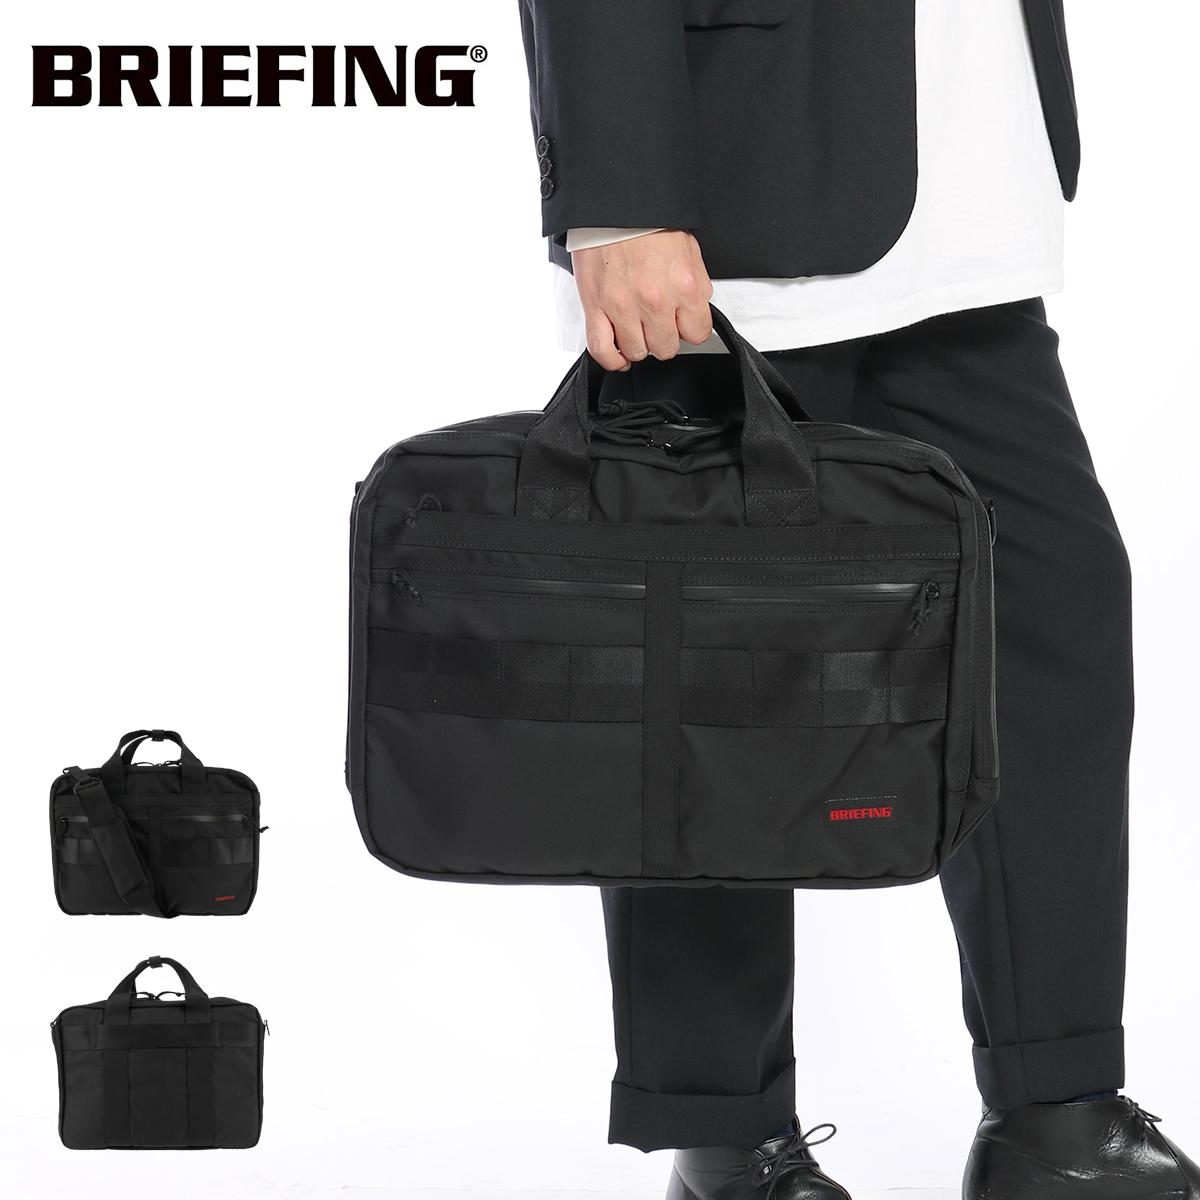 ブリーフィング ビジネスバッグ メンズ BRM191b18 BRIEFING MODULE LINER MW WP ブリーフケース 防水 [PO10][bef][即日発送]